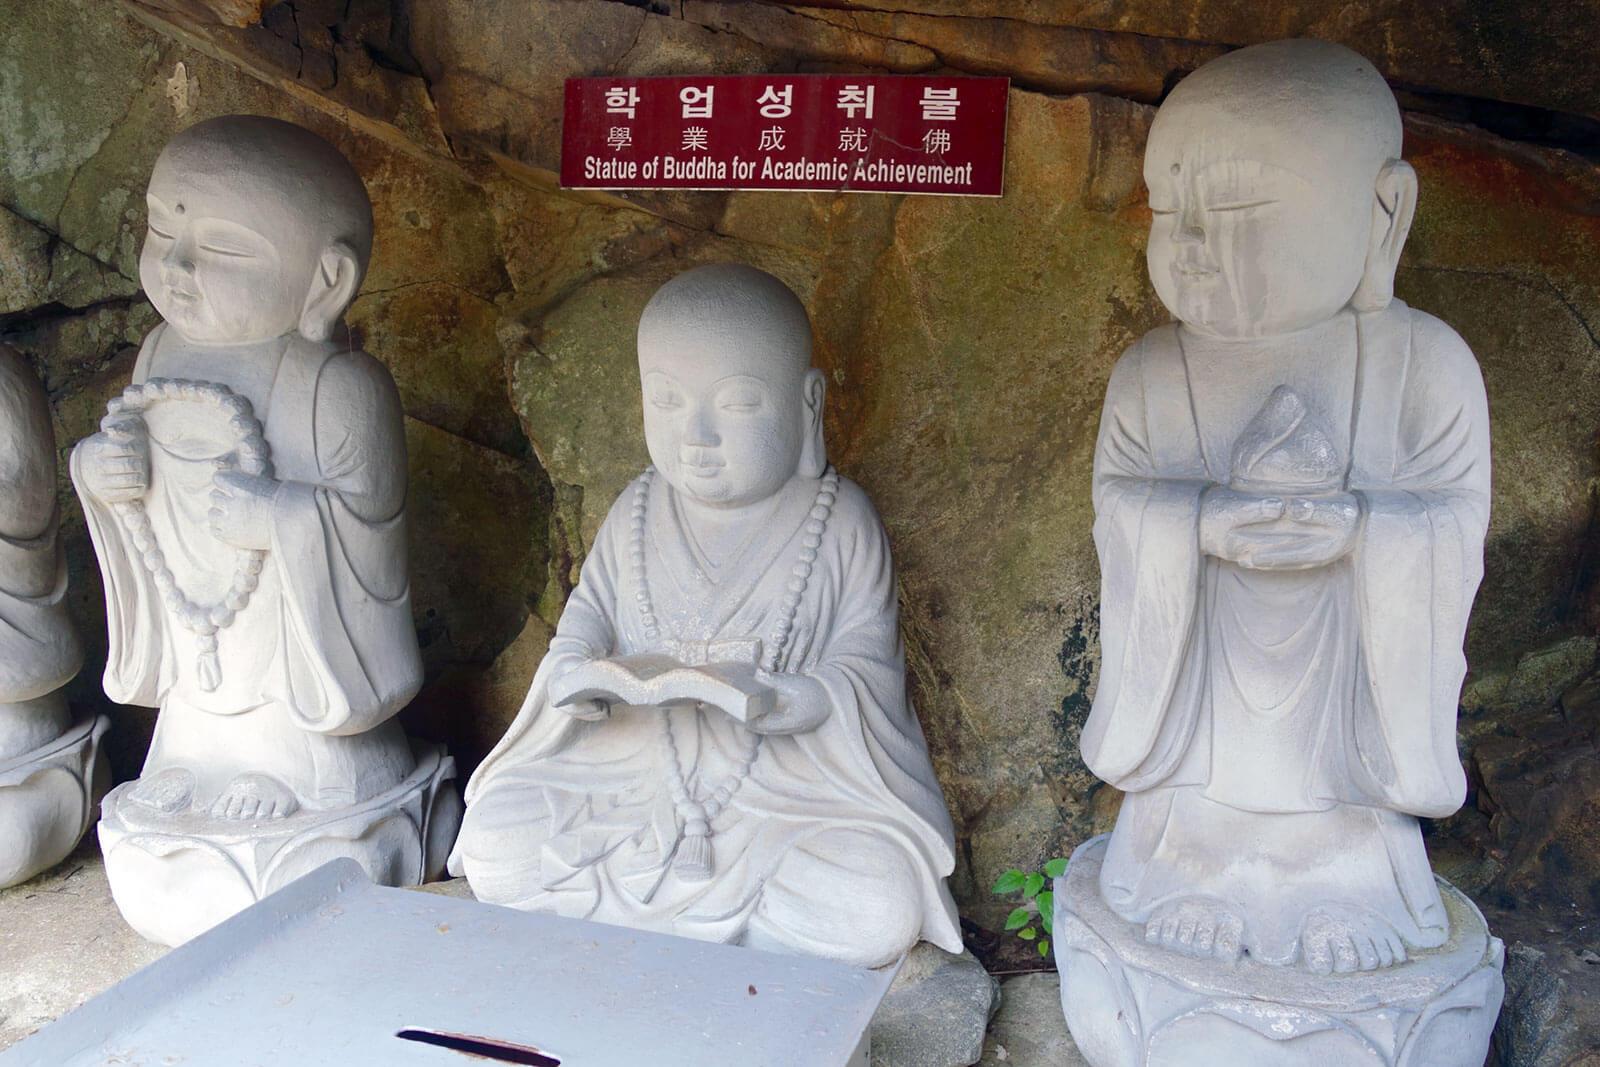 Estátuas de budas em pedra branca, dentro de uma gruta.